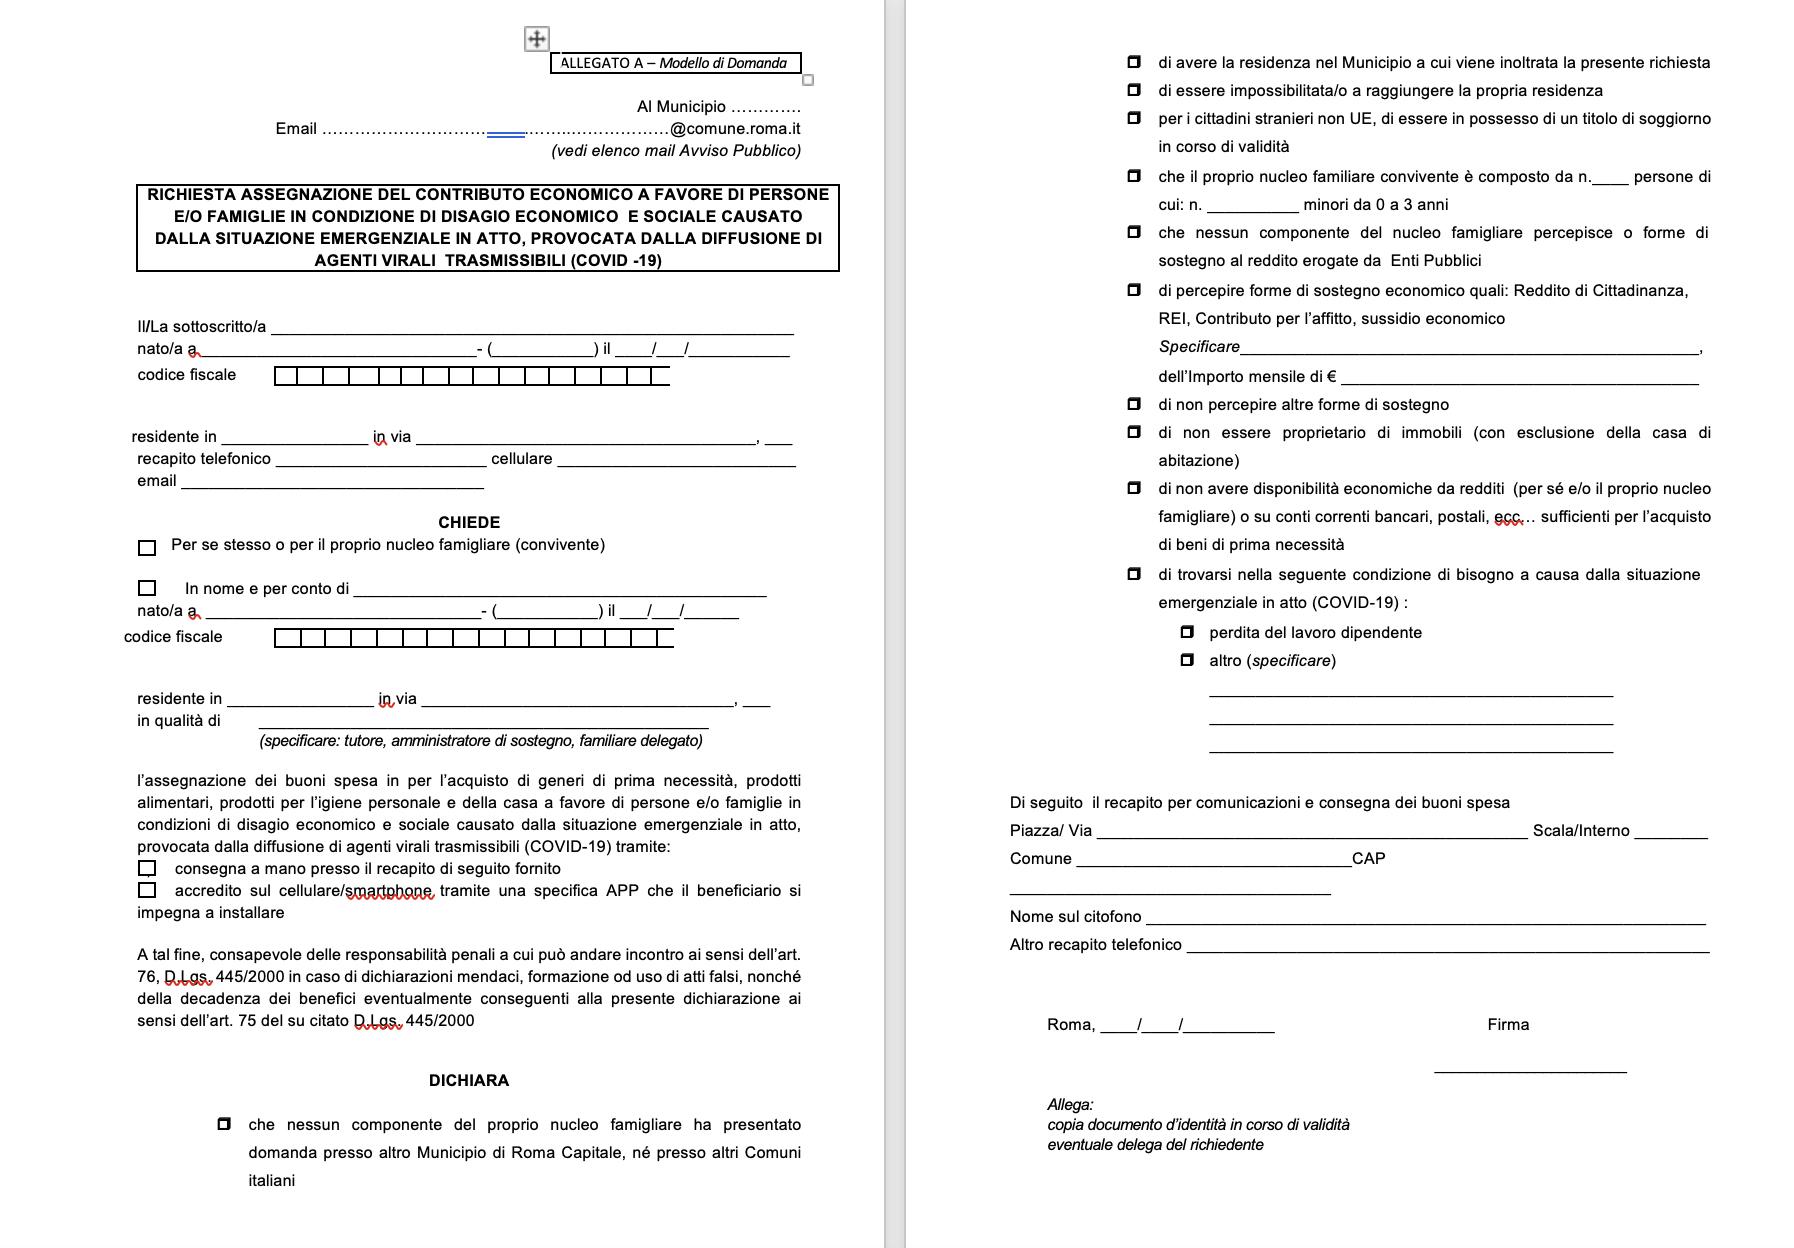 modello comune roma per richiesta buono spesa 3 aprile 2020